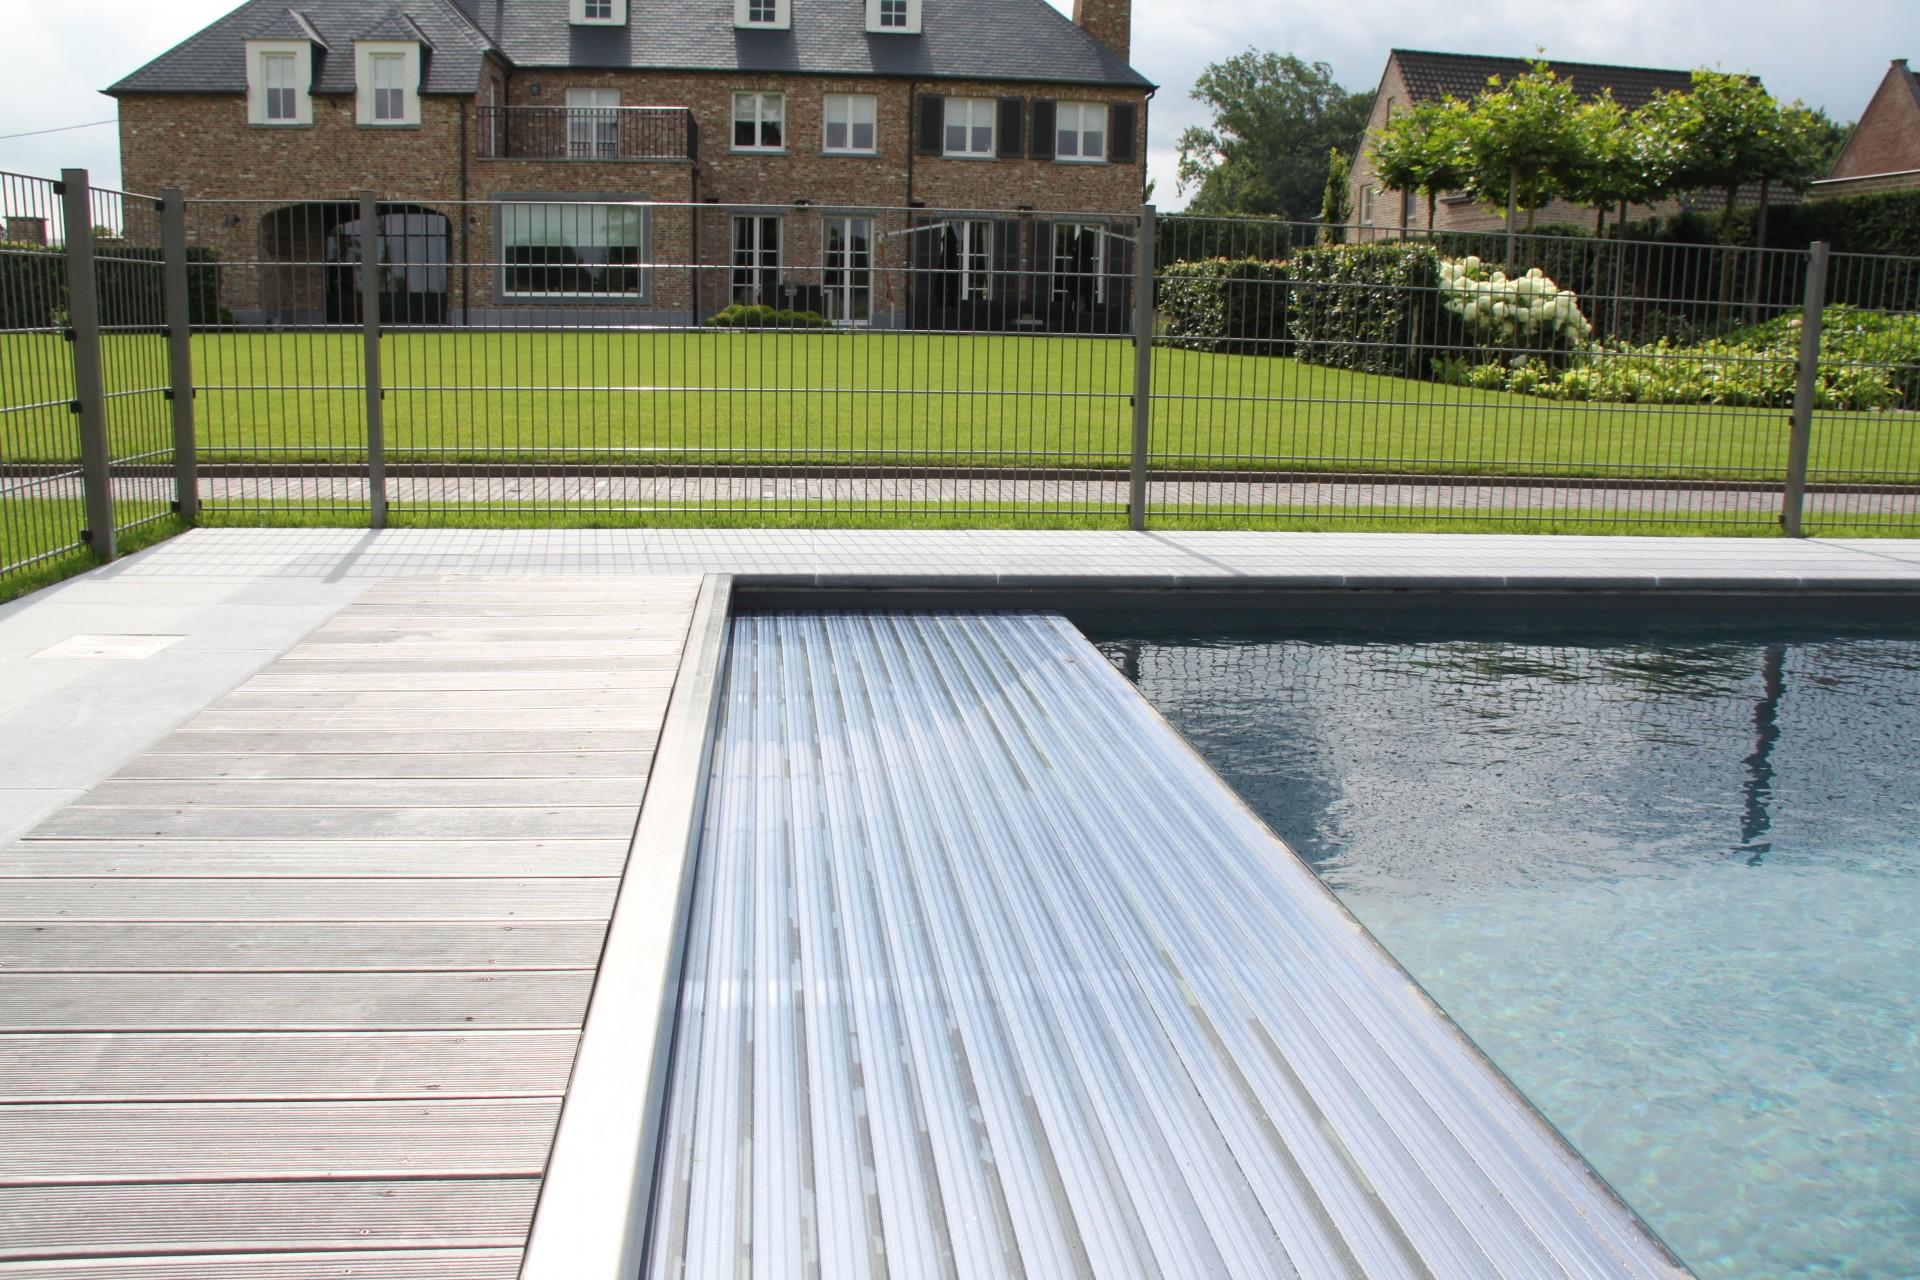 Aanleg van uw zwembad with opbouw zwembad laten plaatsen for Kostprijs zwembad plaatsen